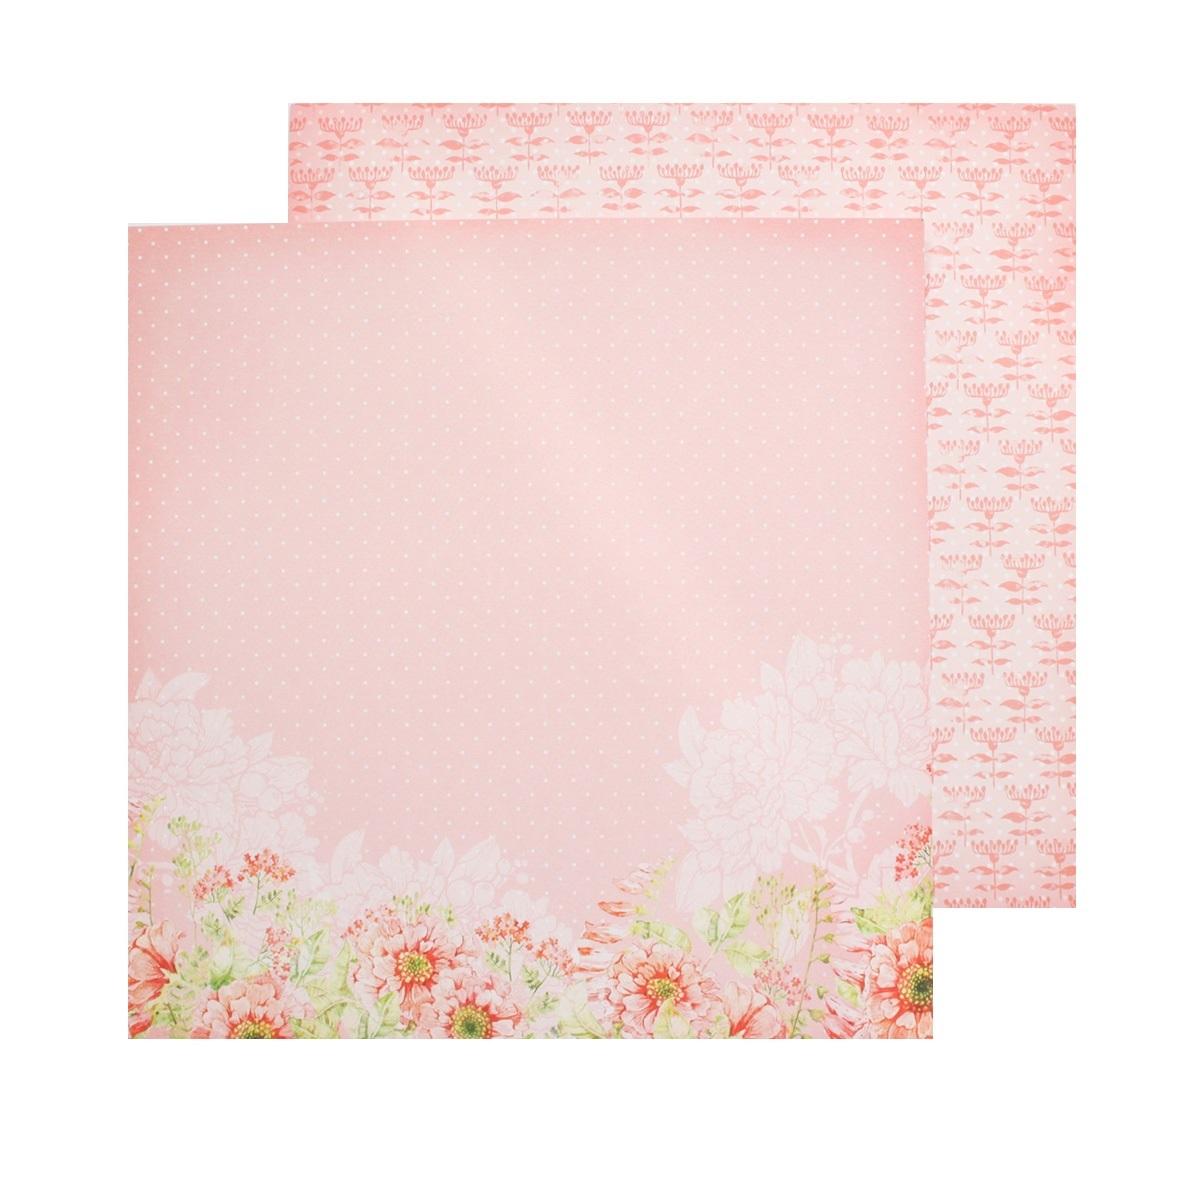 Бумага для скрапбукинга ScrapBerrys Разрисованная вуаль. Алый закат, двухсторонняя, 30,5 х 30,5 см, 10 листов. 497555497555